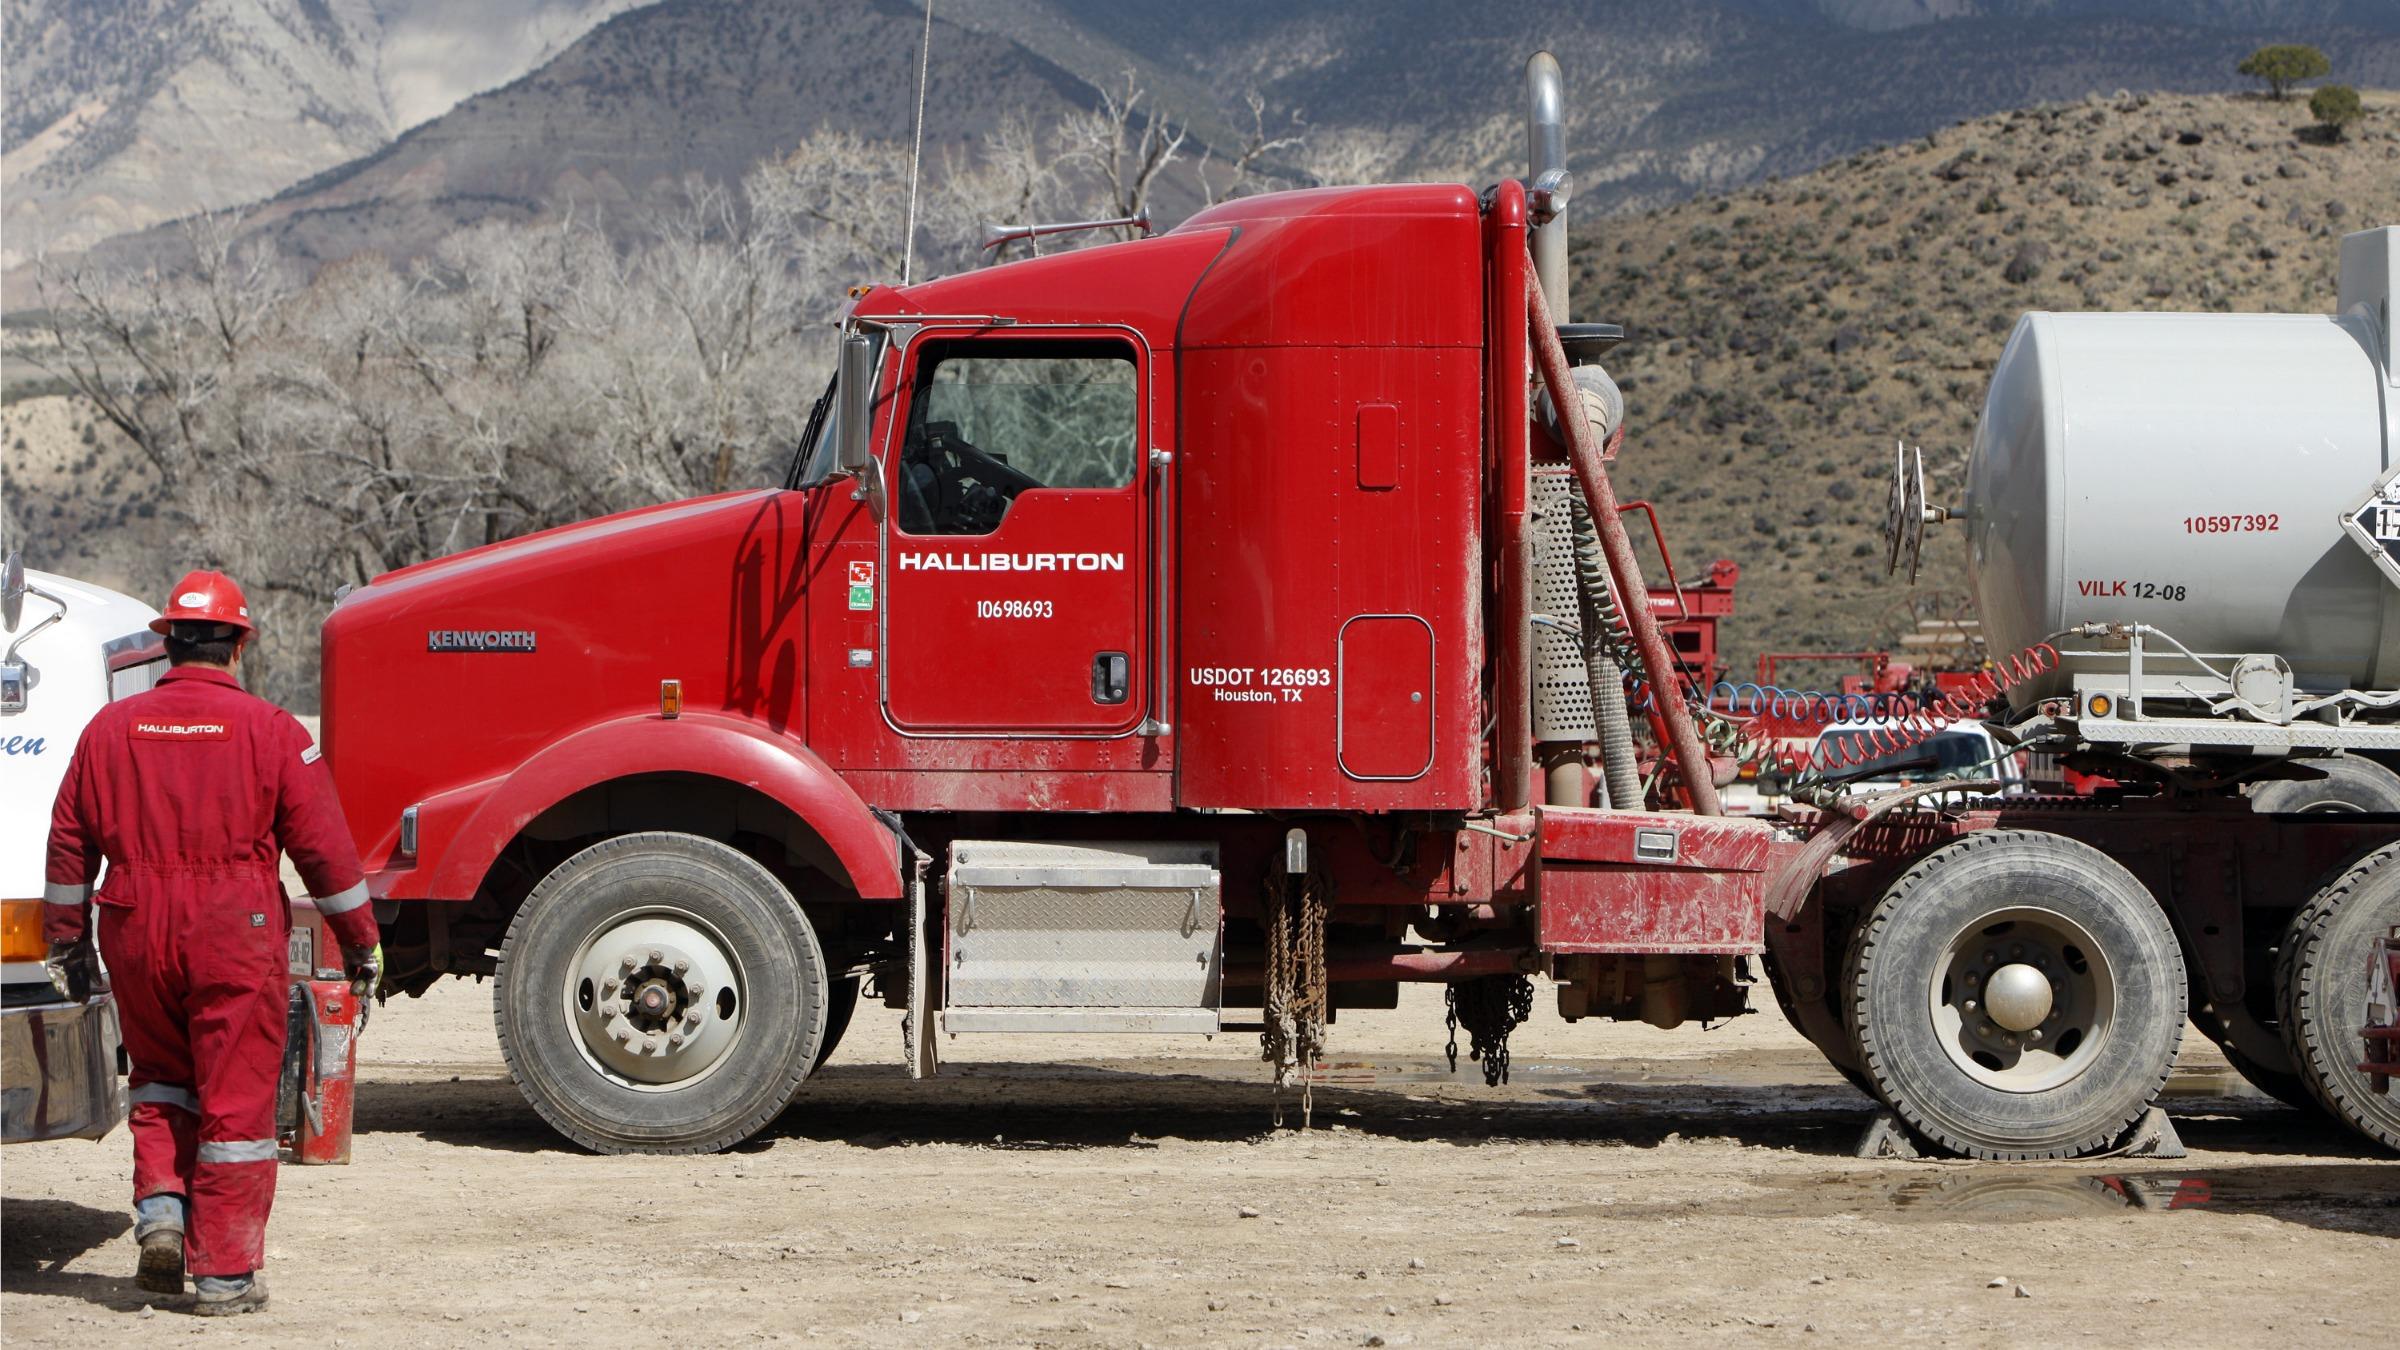 Halliburton Truck